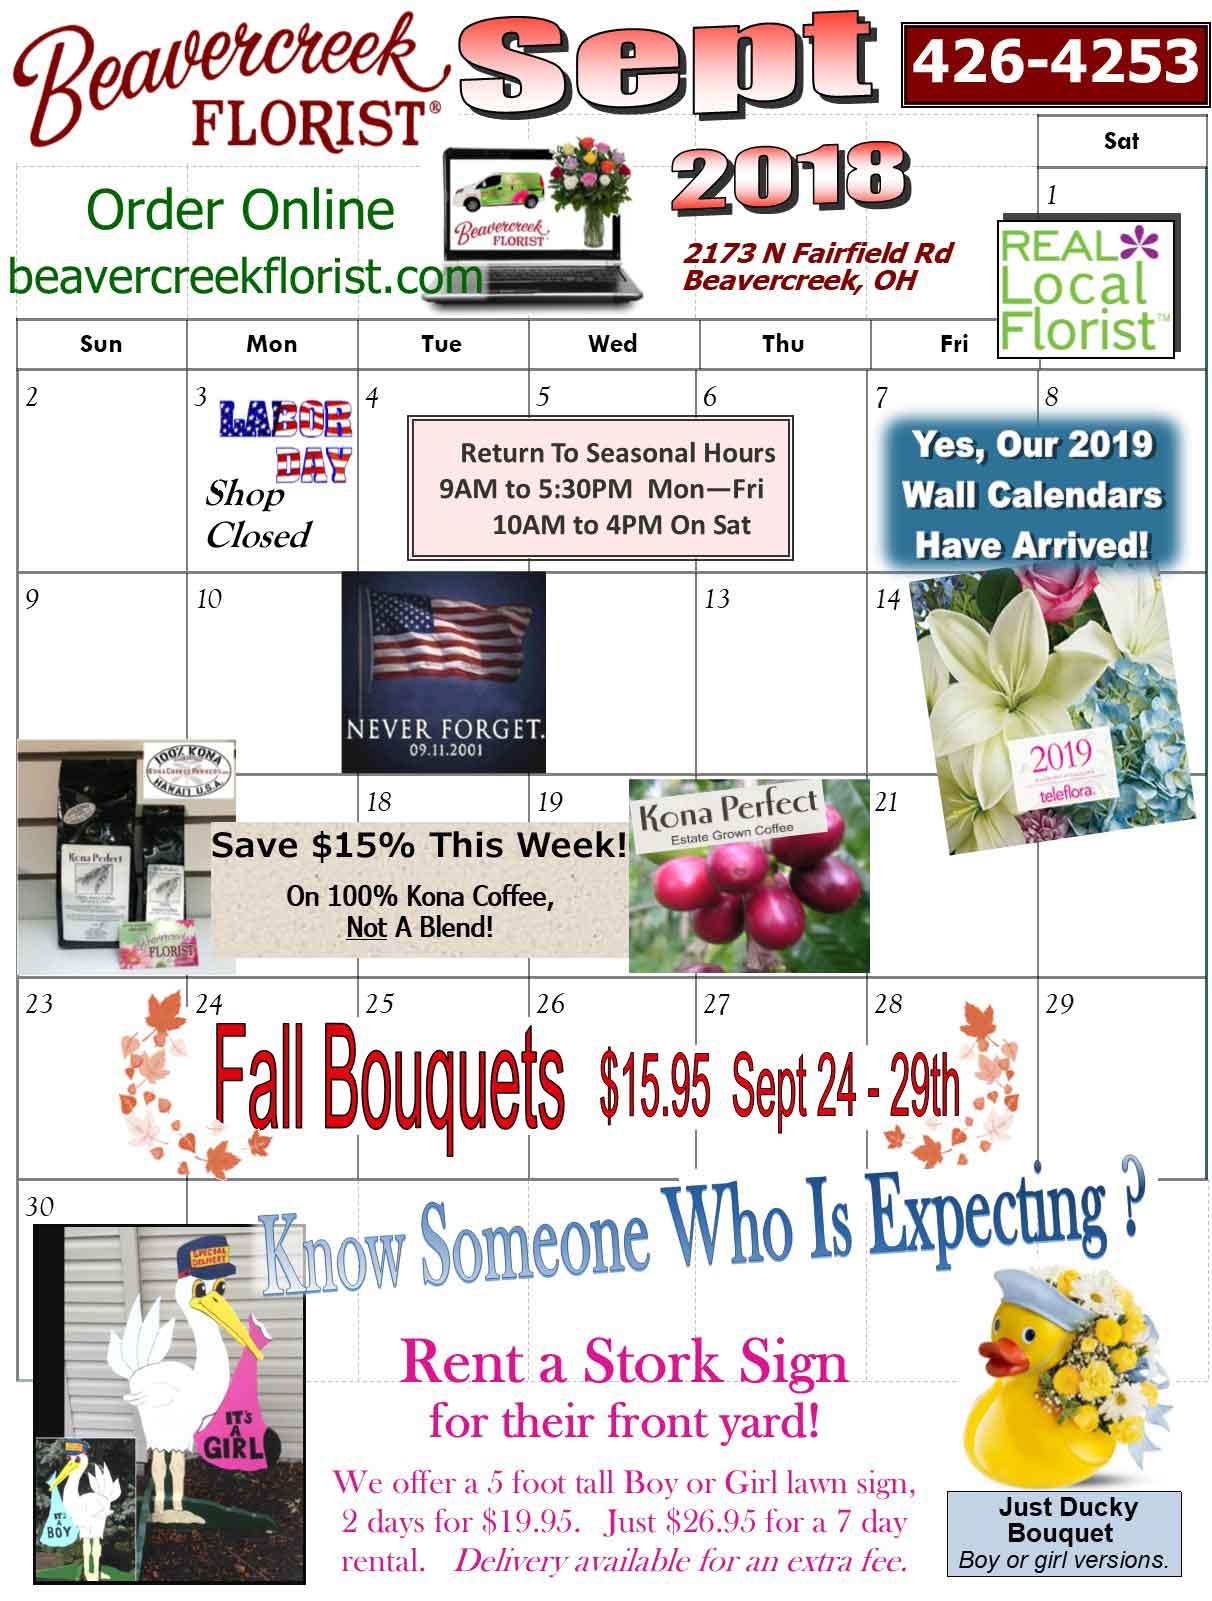 September Events from Beavercreek Florist